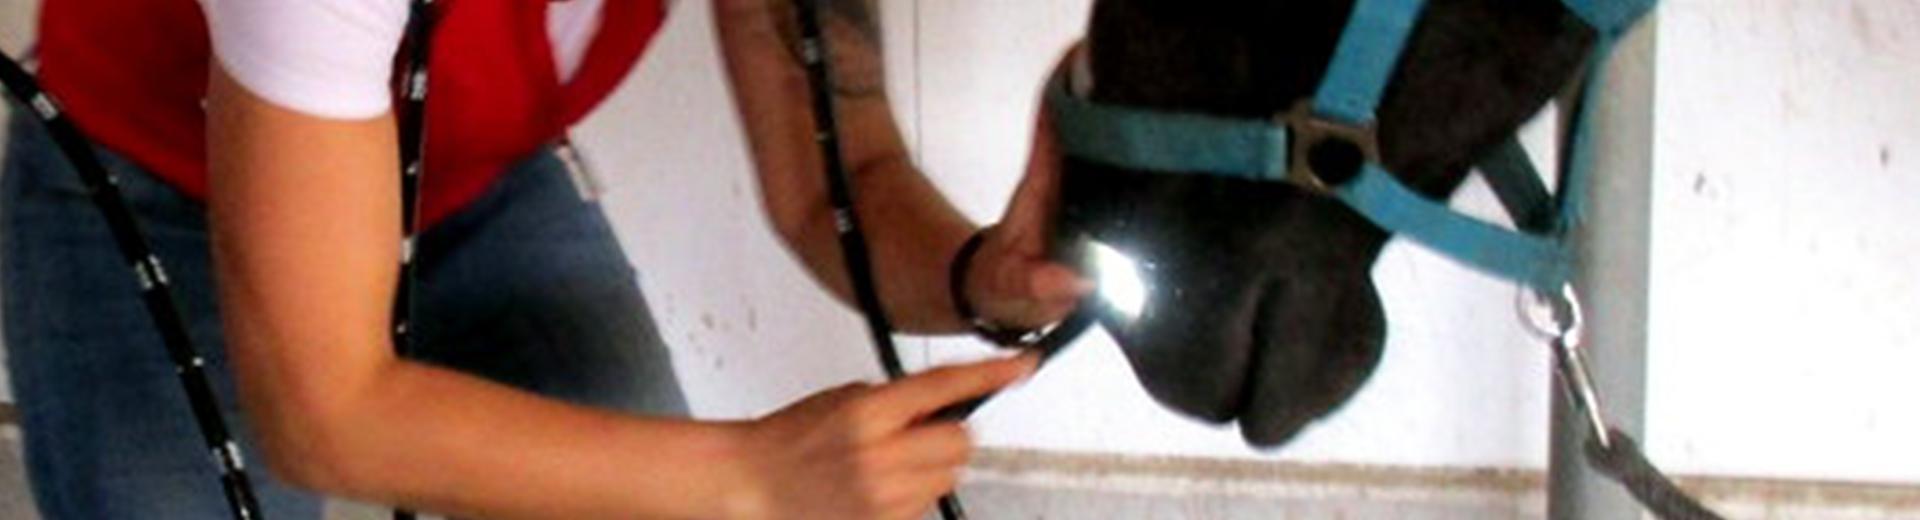 Mobiles Gastroskop